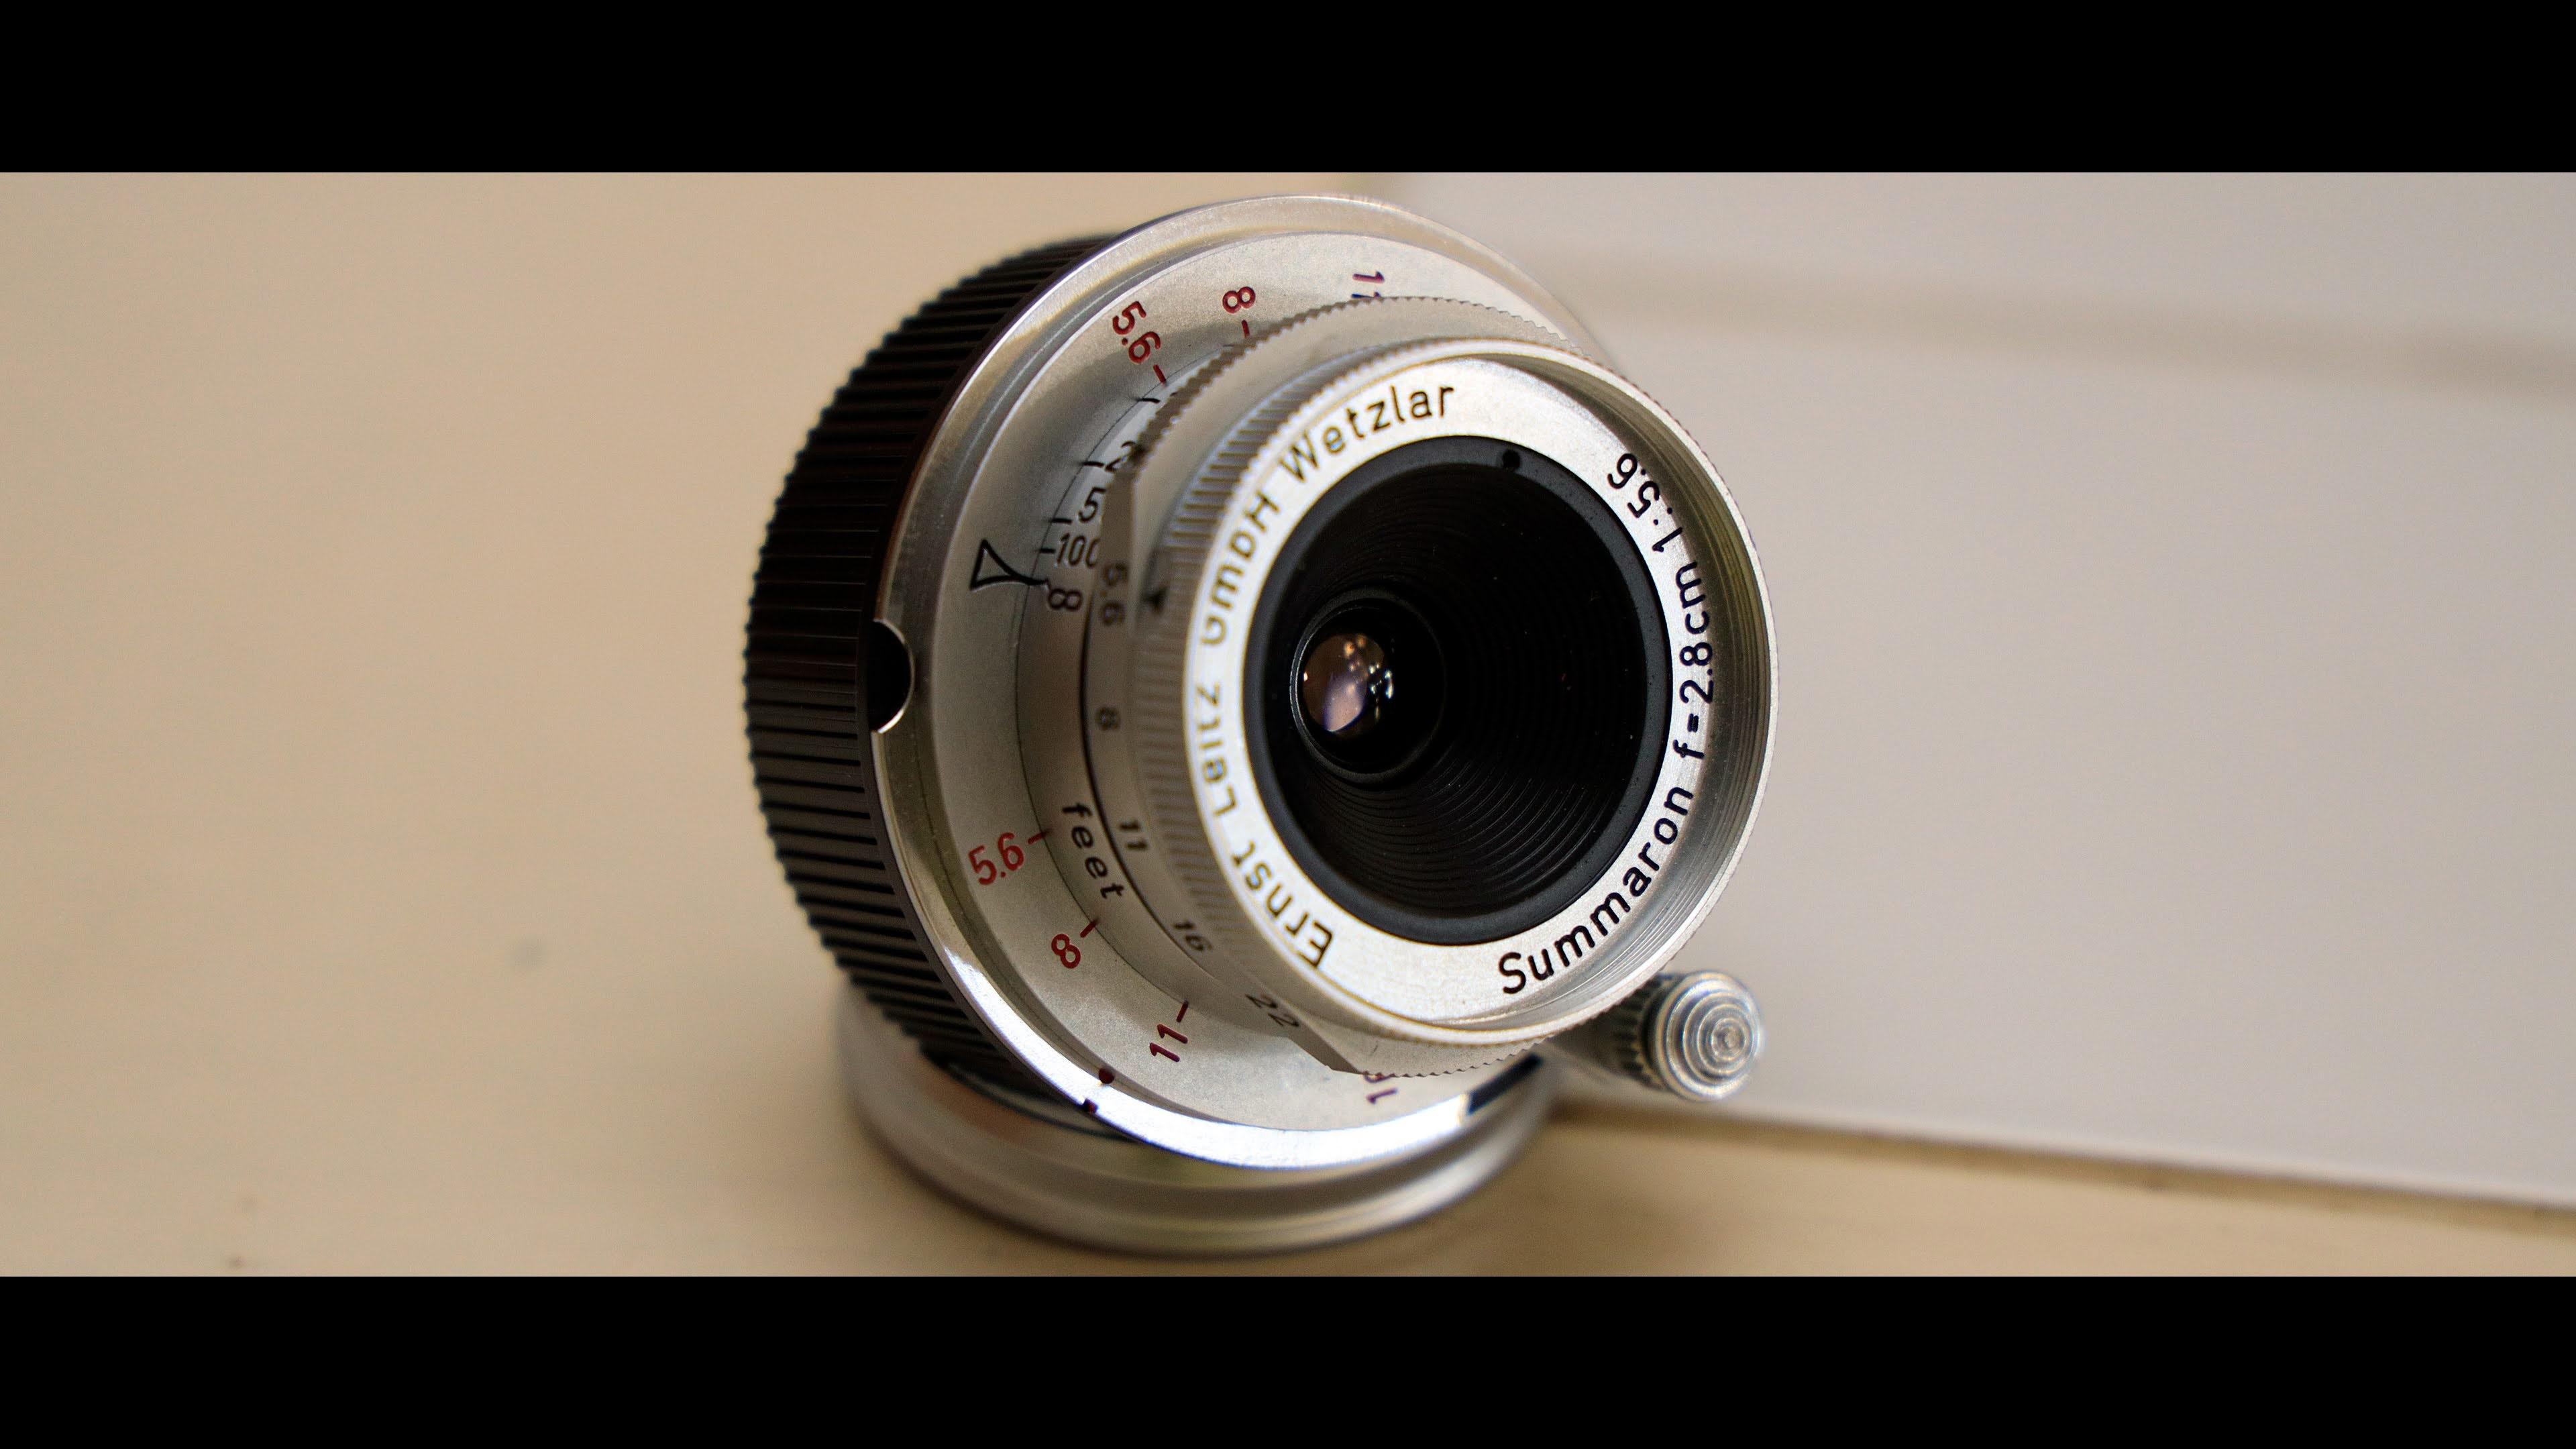 赤ズマロン Summaron F2/28mm